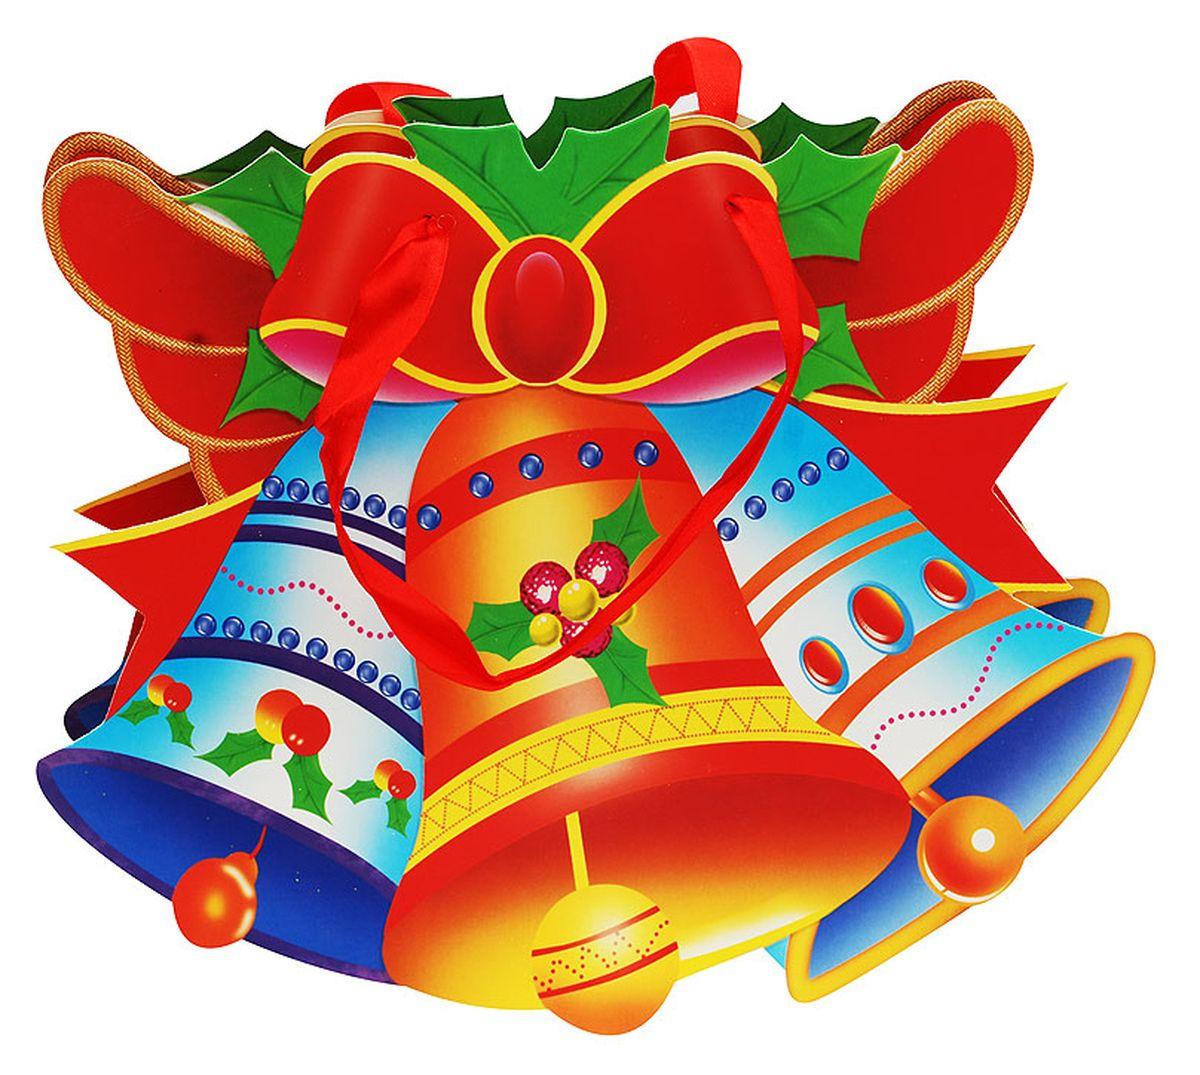 Пакет подарочный Белоснежка Волшебные колокольчики, 25 х 26 х 8 смNLED-454-9W-BKПодарочный пакет Волшебные колокольчики выполнен из качественной плотной бумаги с хорошей печатью, объемные элементы на пакете придают дополнительный яркий акцент.